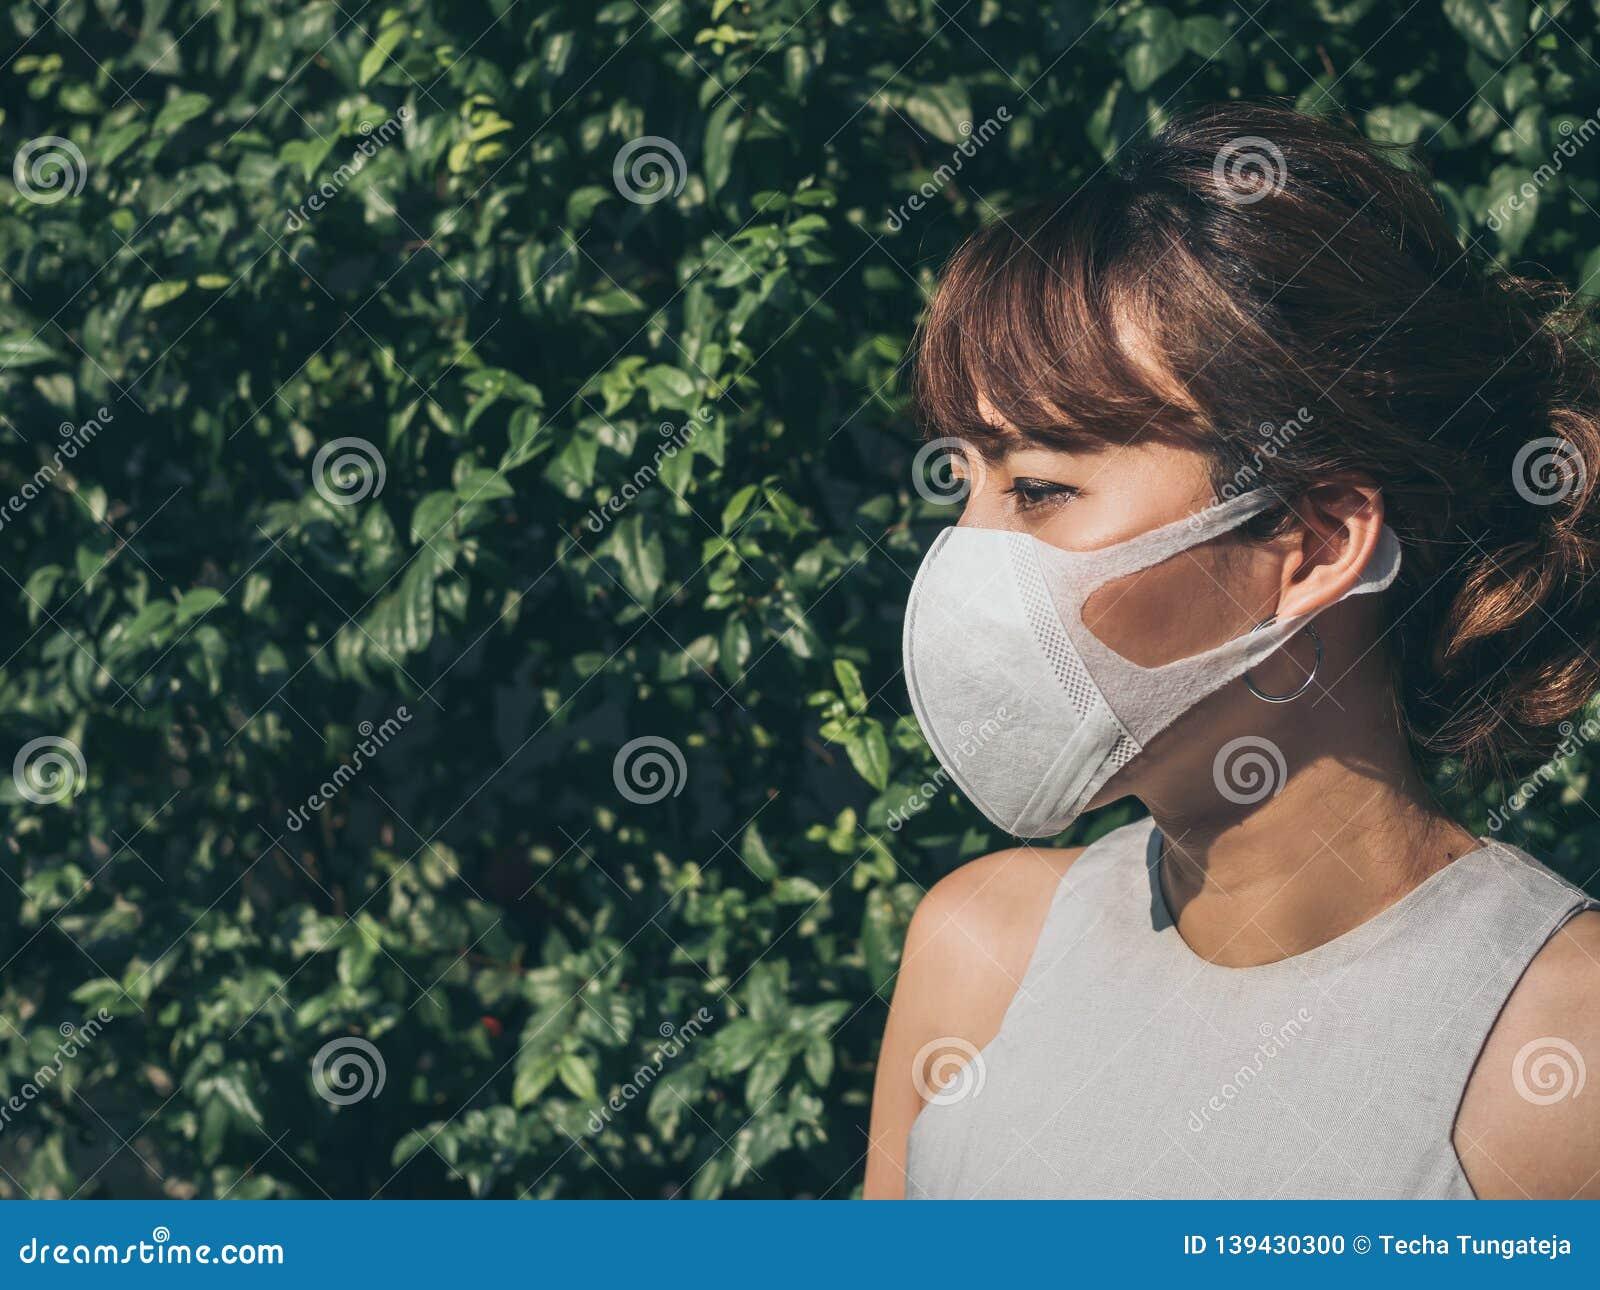 n95 mask green